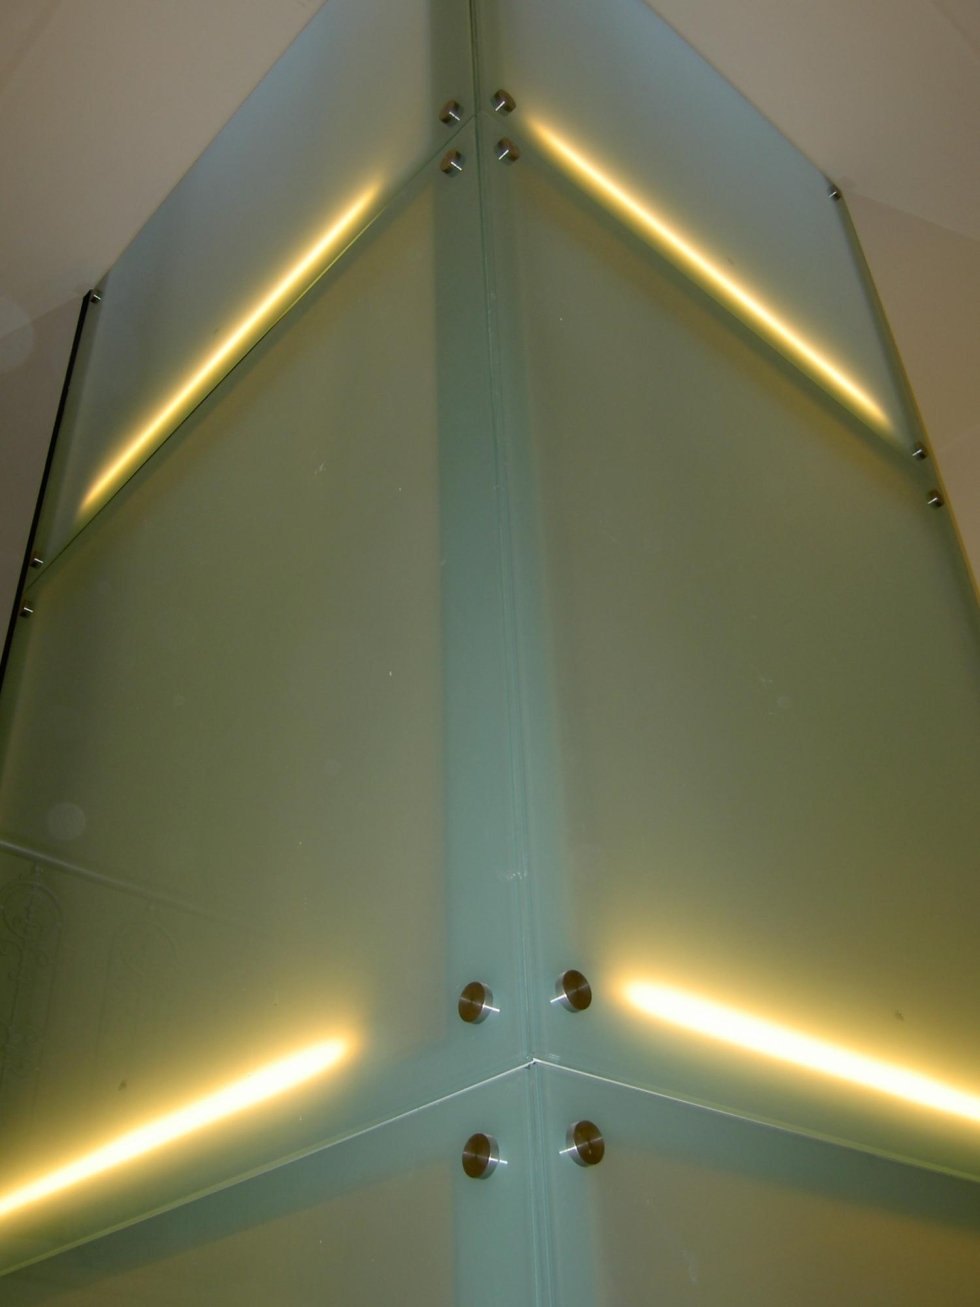 vista dal basso di ascensore in vetro illuminato